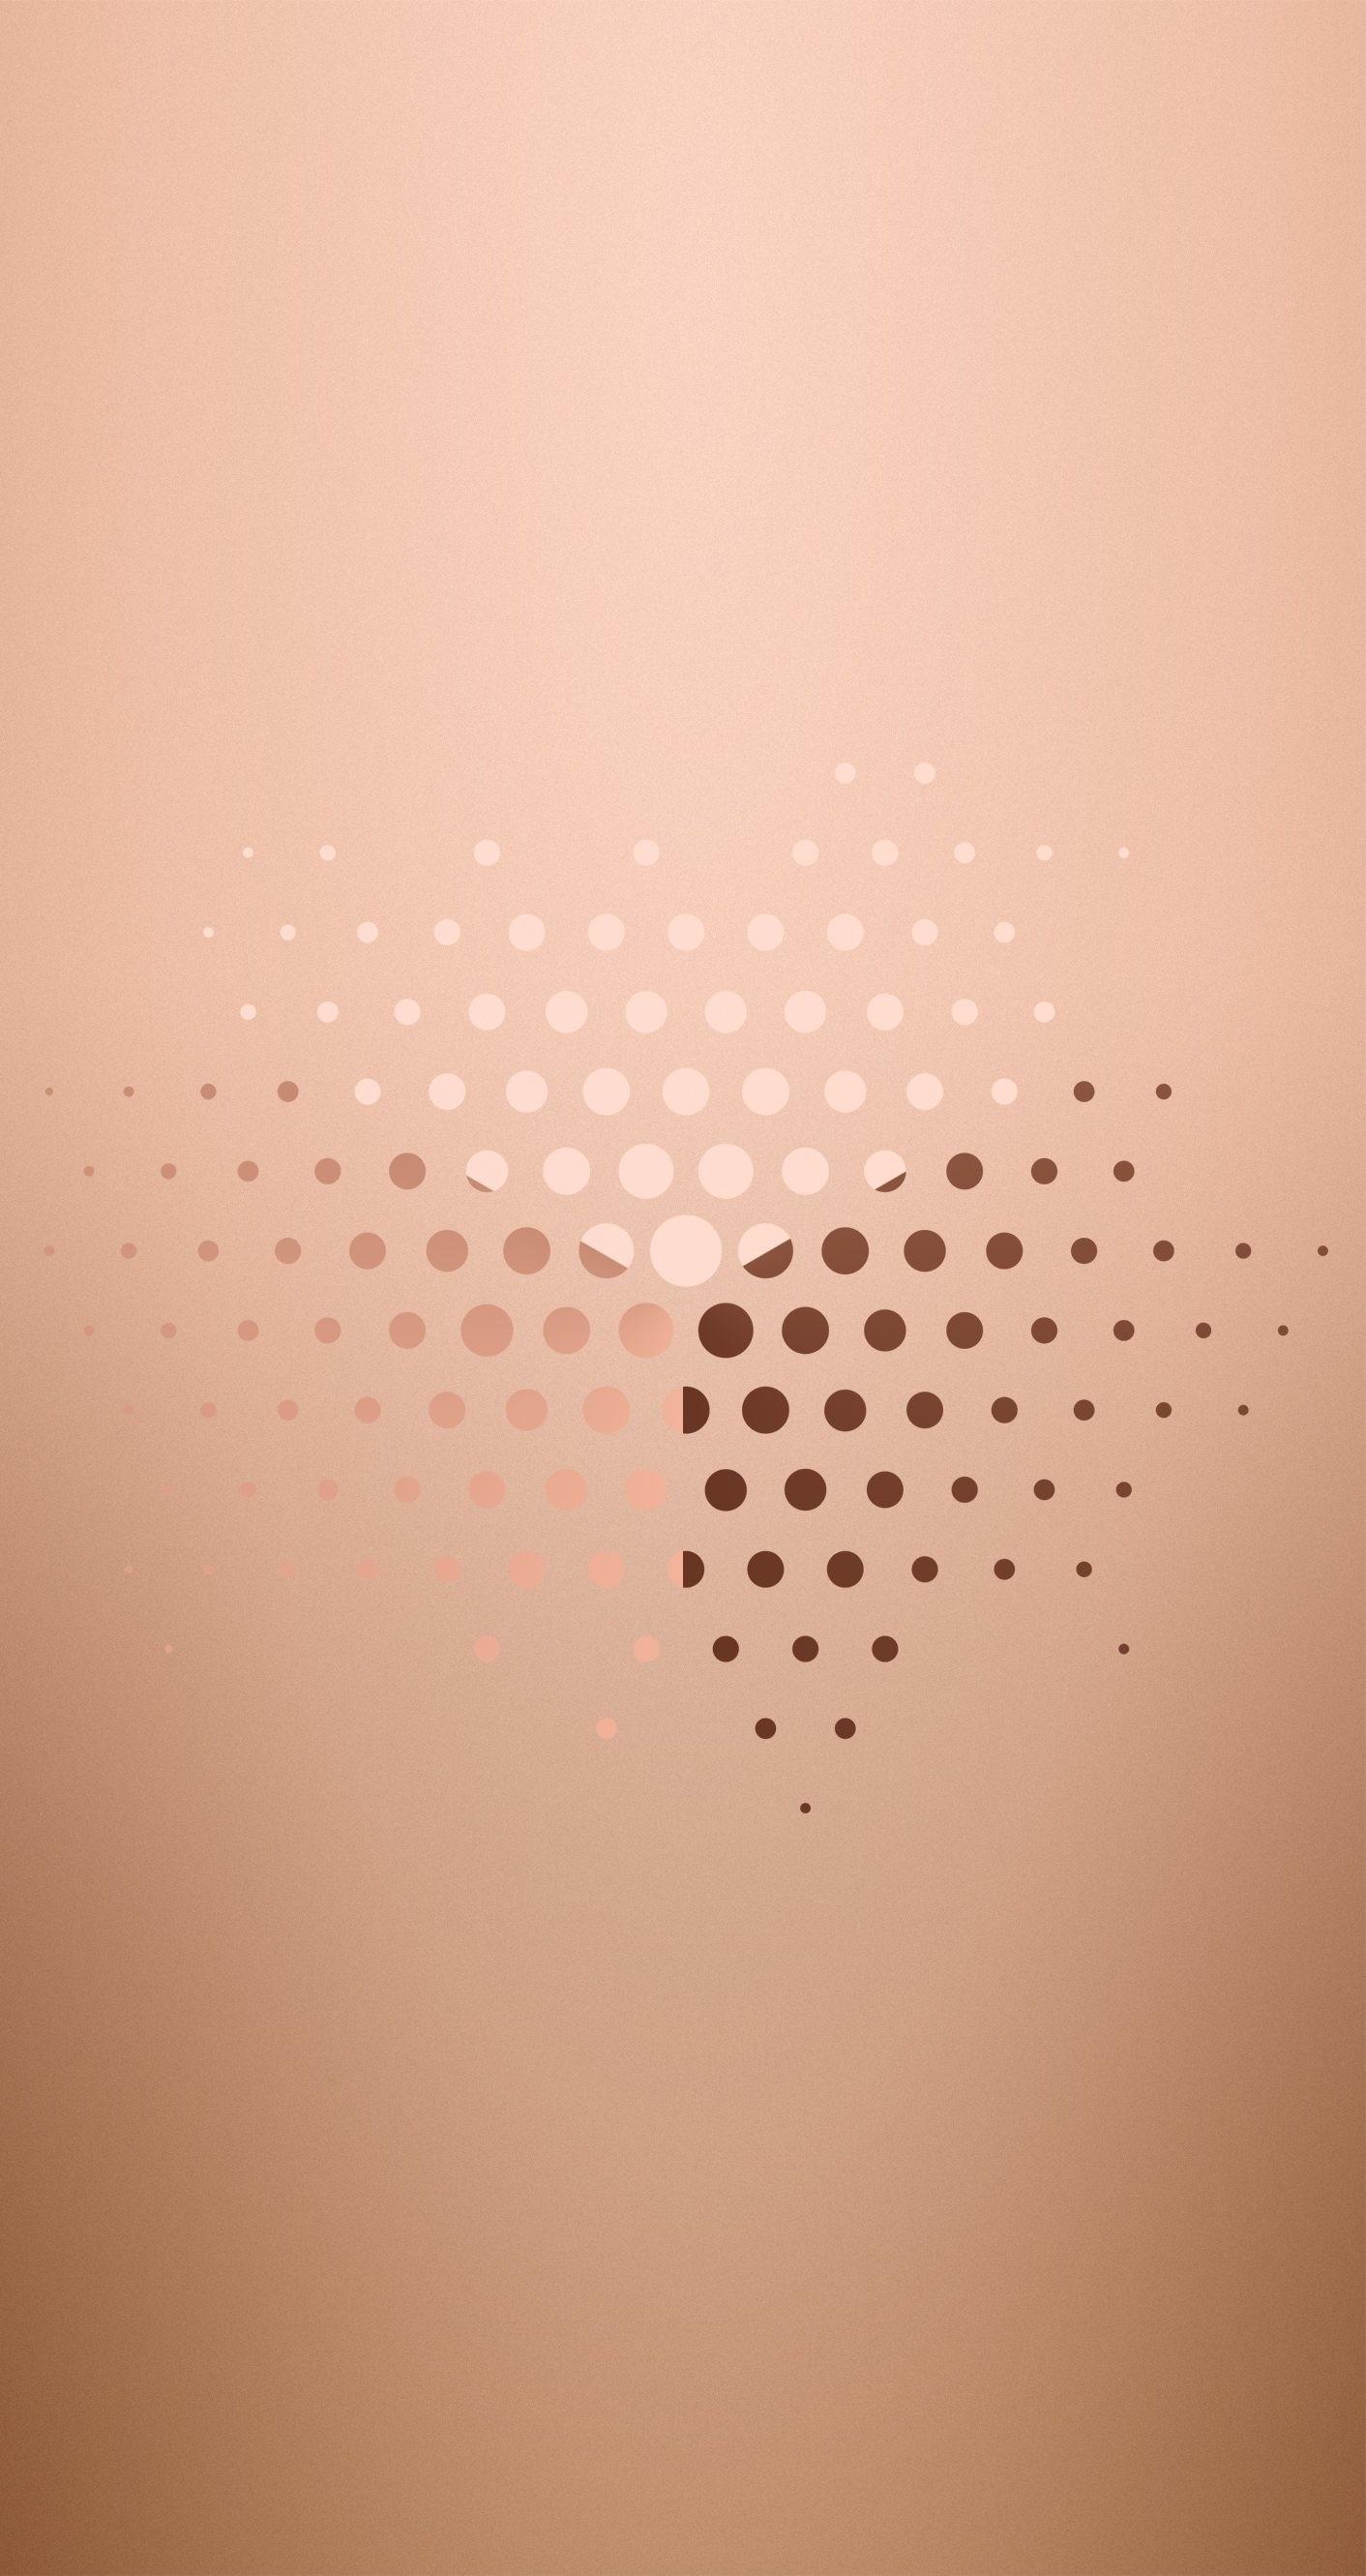 Rose Gold Wallpaper 52 Images